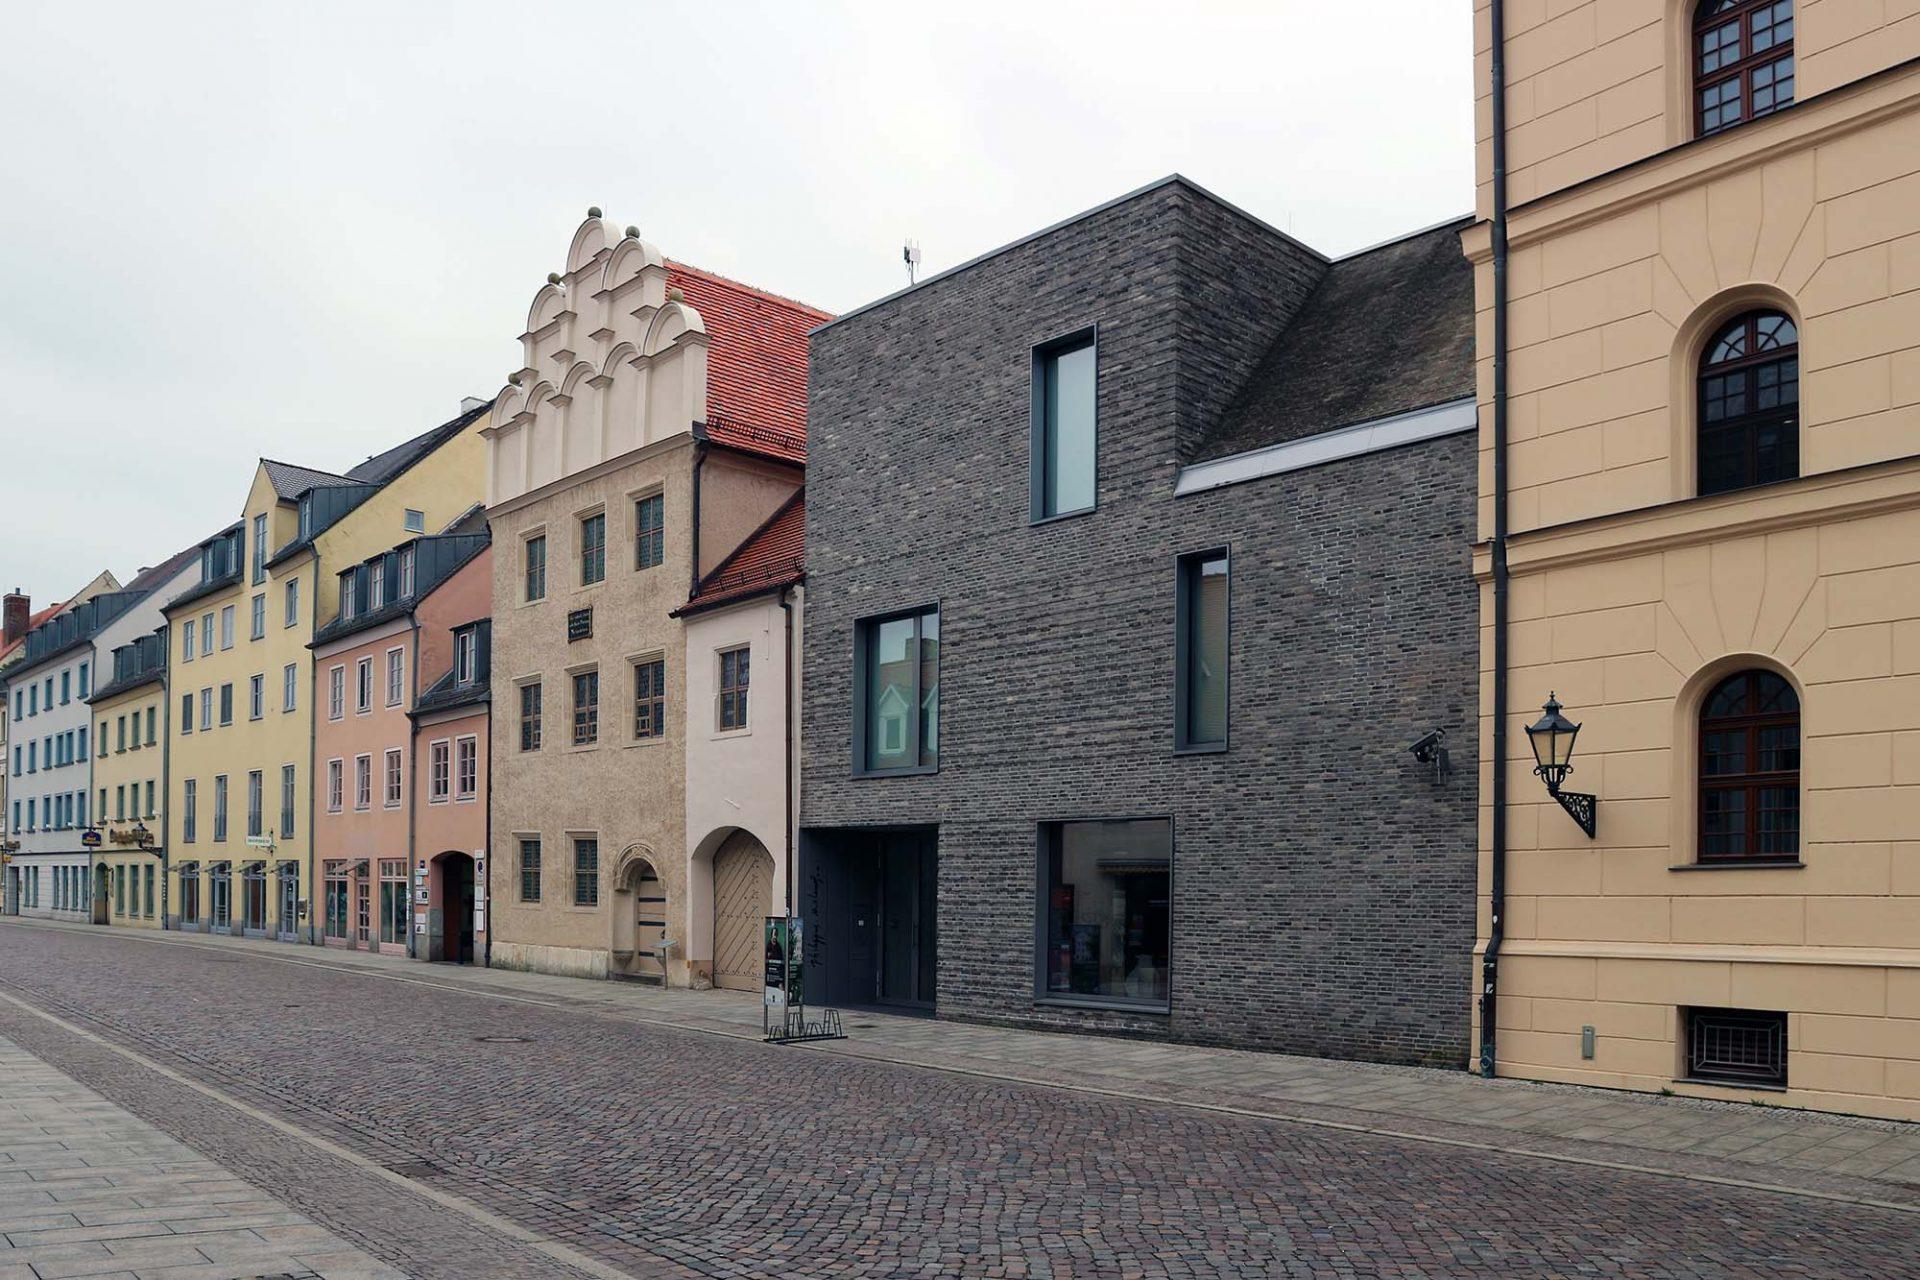 Melanchthon-Haus. Philipp Melanchthon und seine Familie lebten ab 1539 in diesem Haus. Hier konnte sich der Protestantismus zu einer neuen Theologie und Wissenschaft entwicklen. Das sandfarbene Rennaissance-Gebäude mit seinem markanten Giebel wurde über die Jahrhunderte kaum verändert. 2013 erhielt es einen backsteinernen Anbau für Ausstellungen vom Haller Büro Dietzsch & Weber.